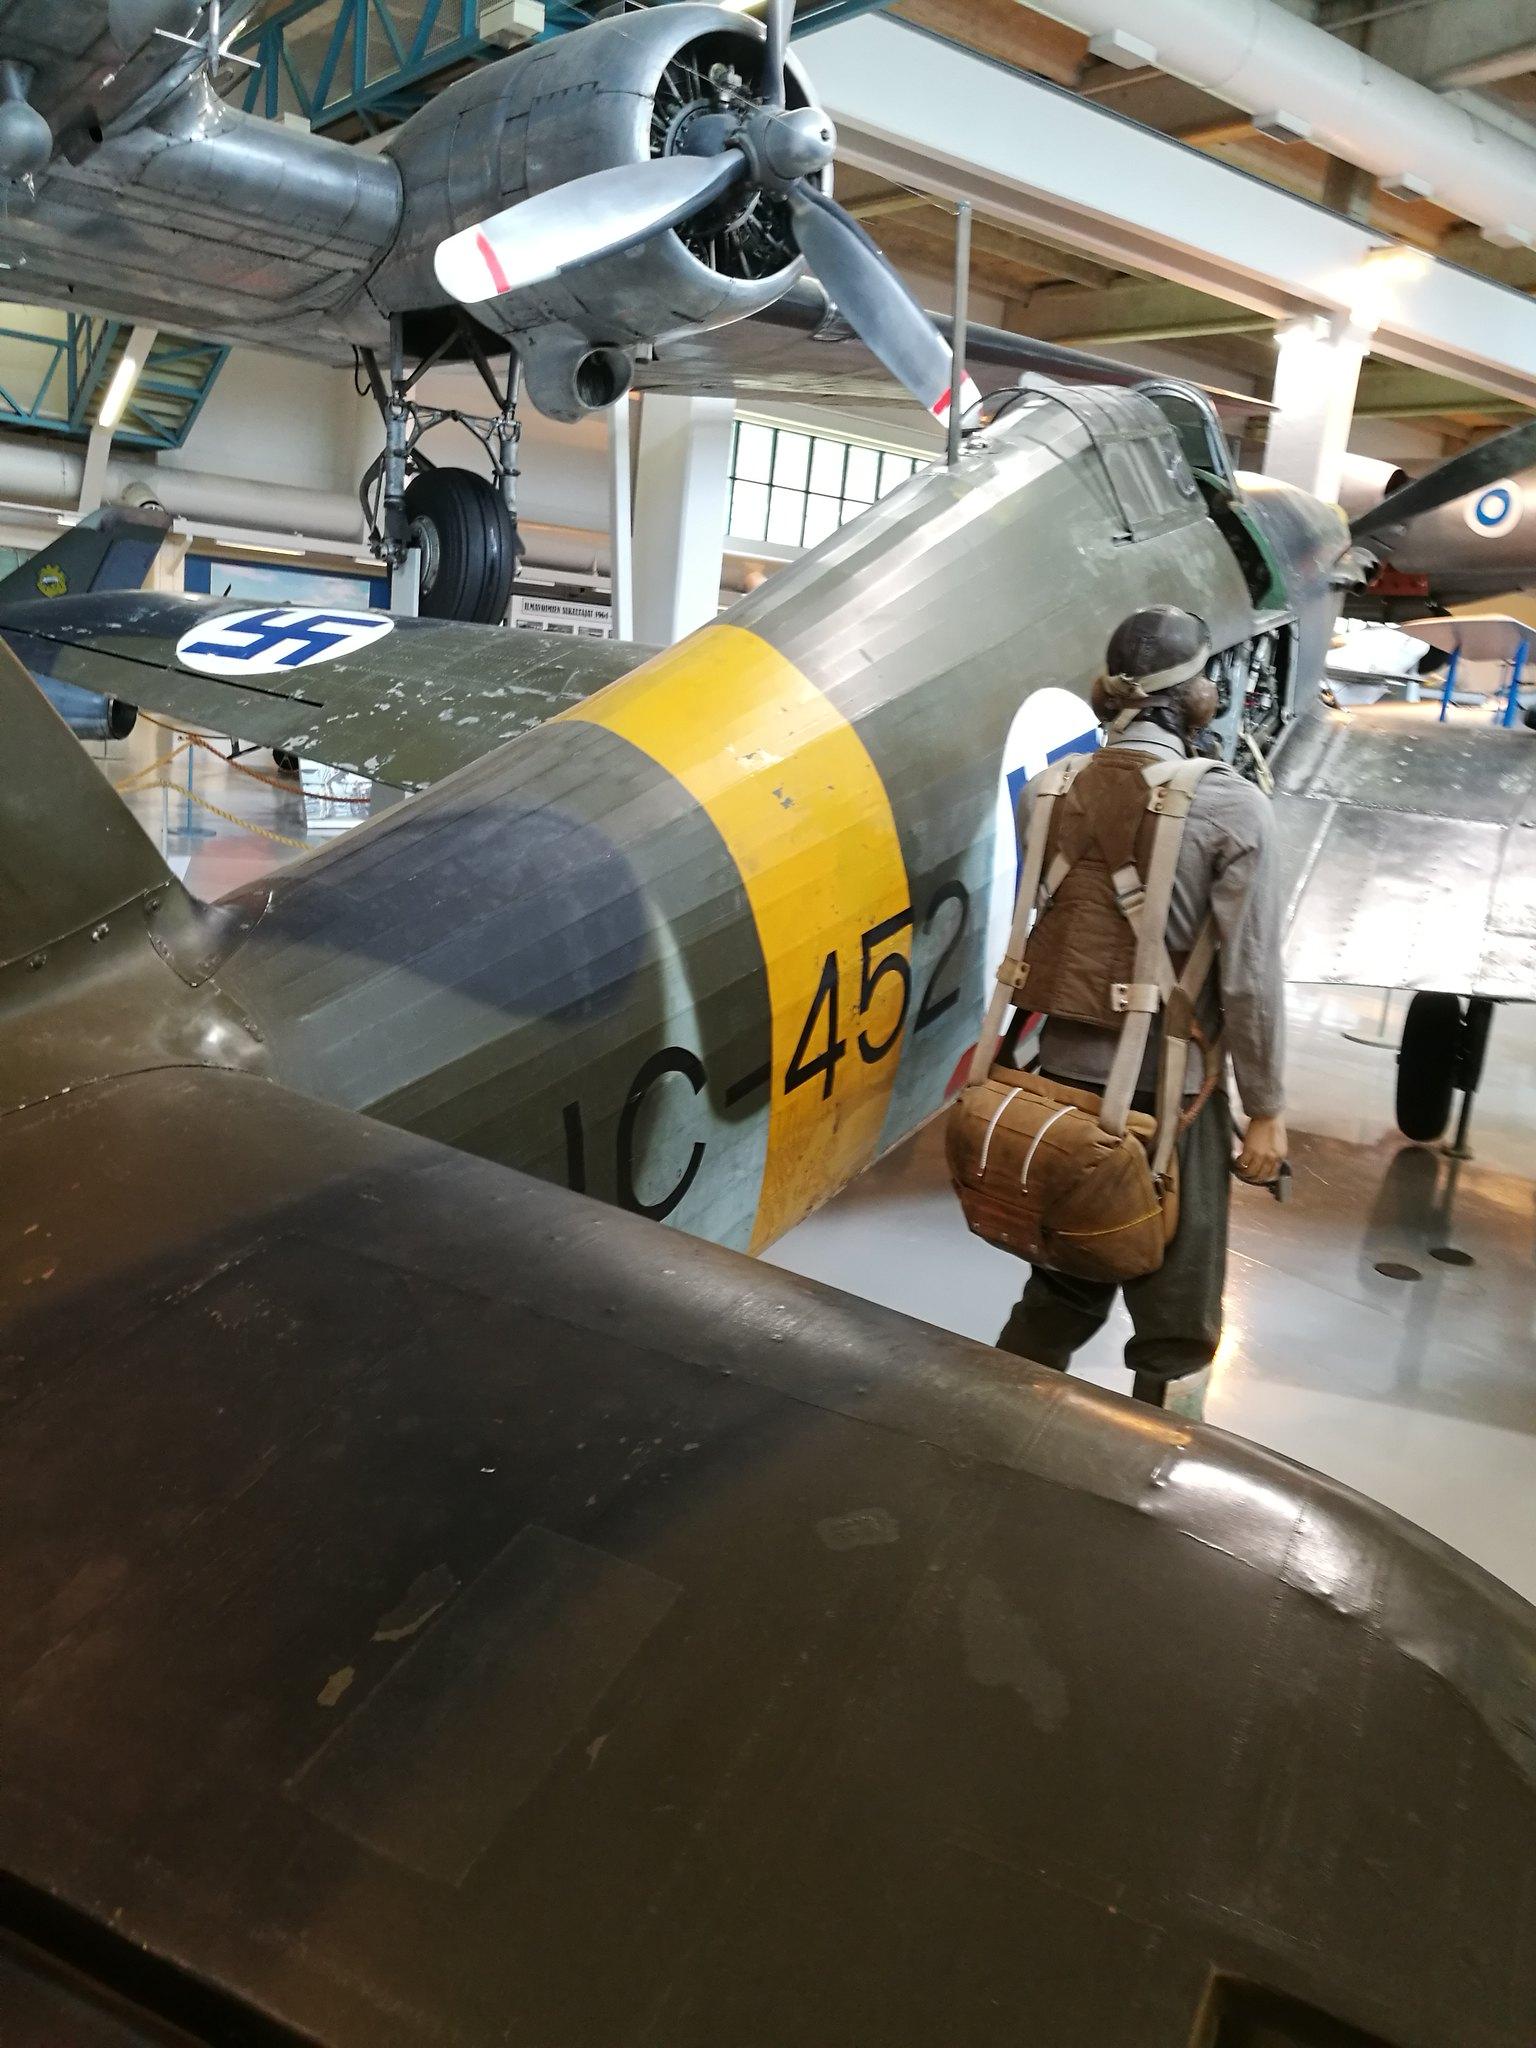 Hemkommen från semester i Finland med utflykt till Finlands Flygvapenmuseum. 48287385246_0d2b5b8f0f_k